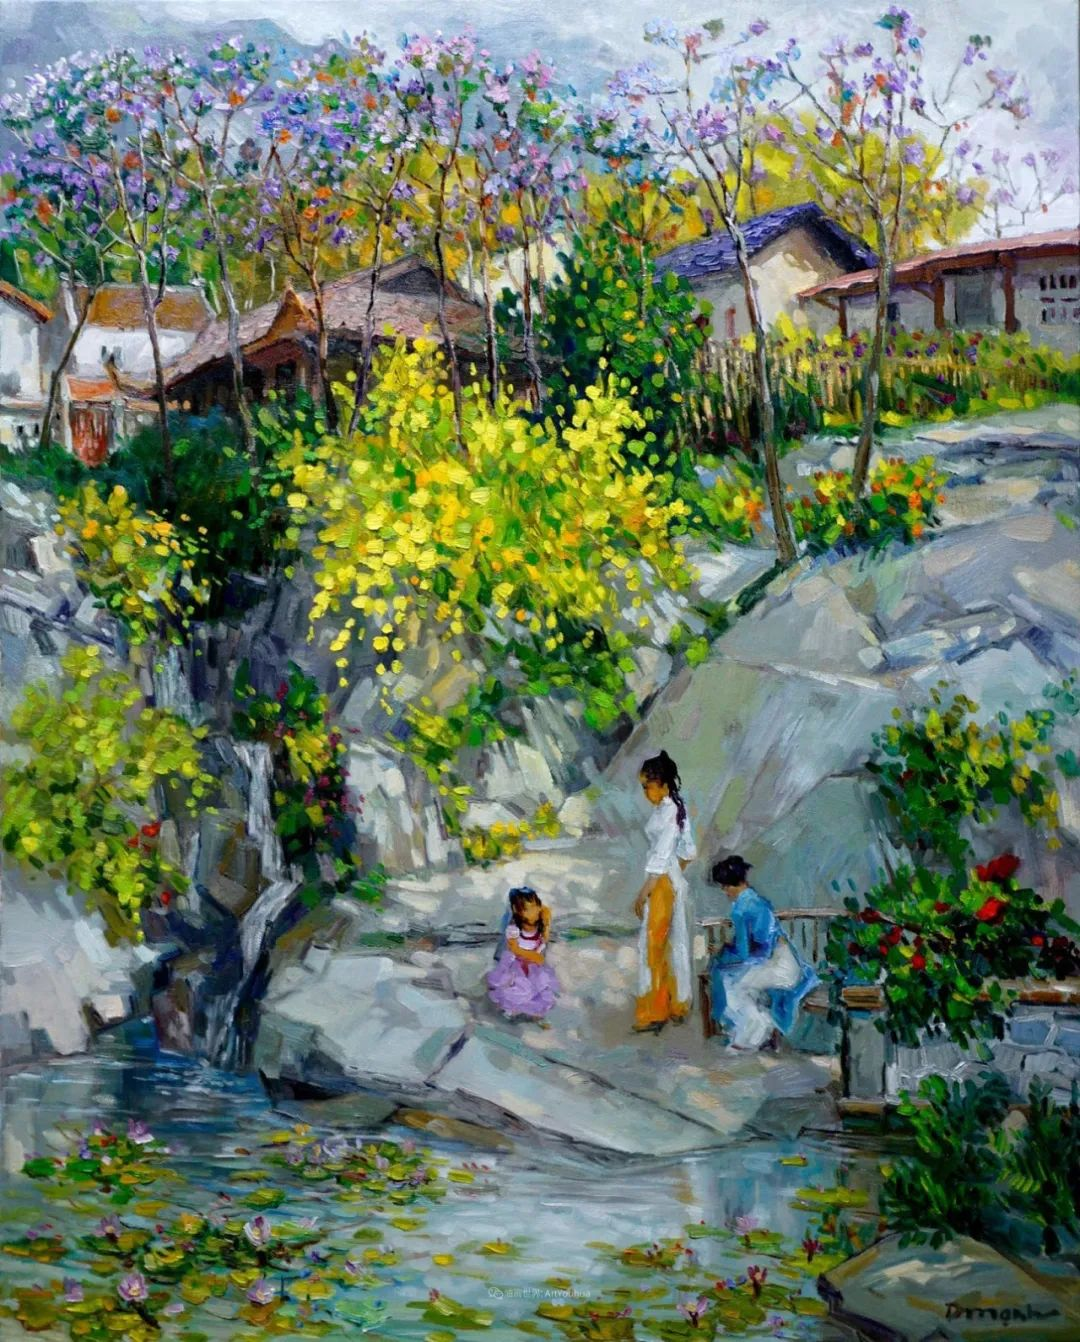 越南画家笔下的美景、美人!插图3